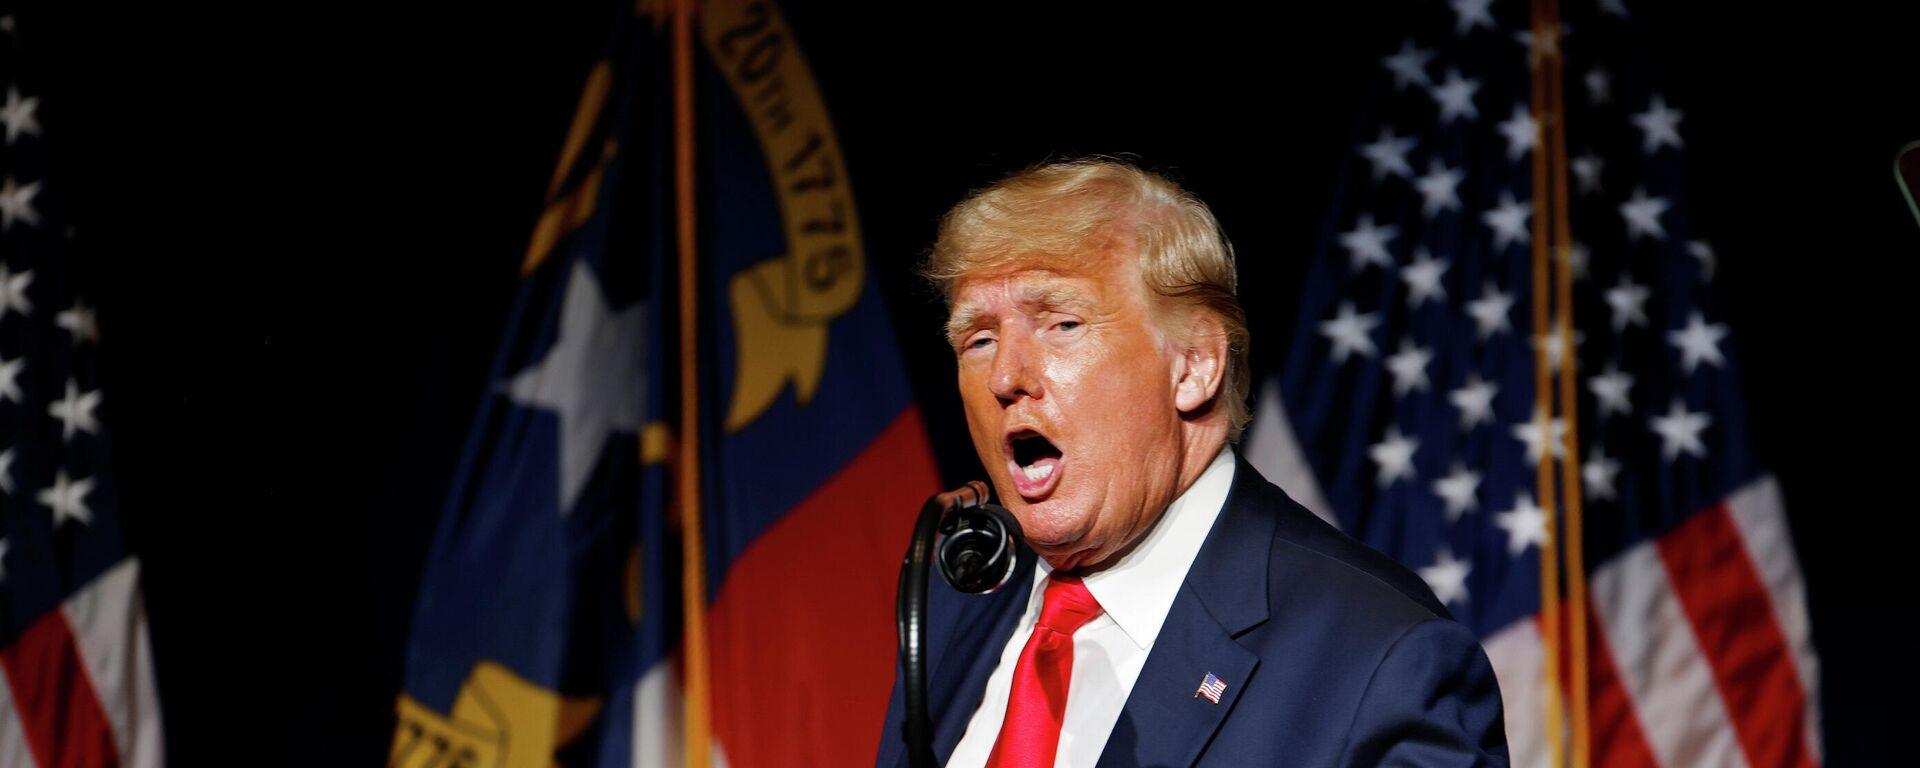 Donald Trump, expresidente de EEUU - Sputnik Mundo, 1920, 06.06.2021